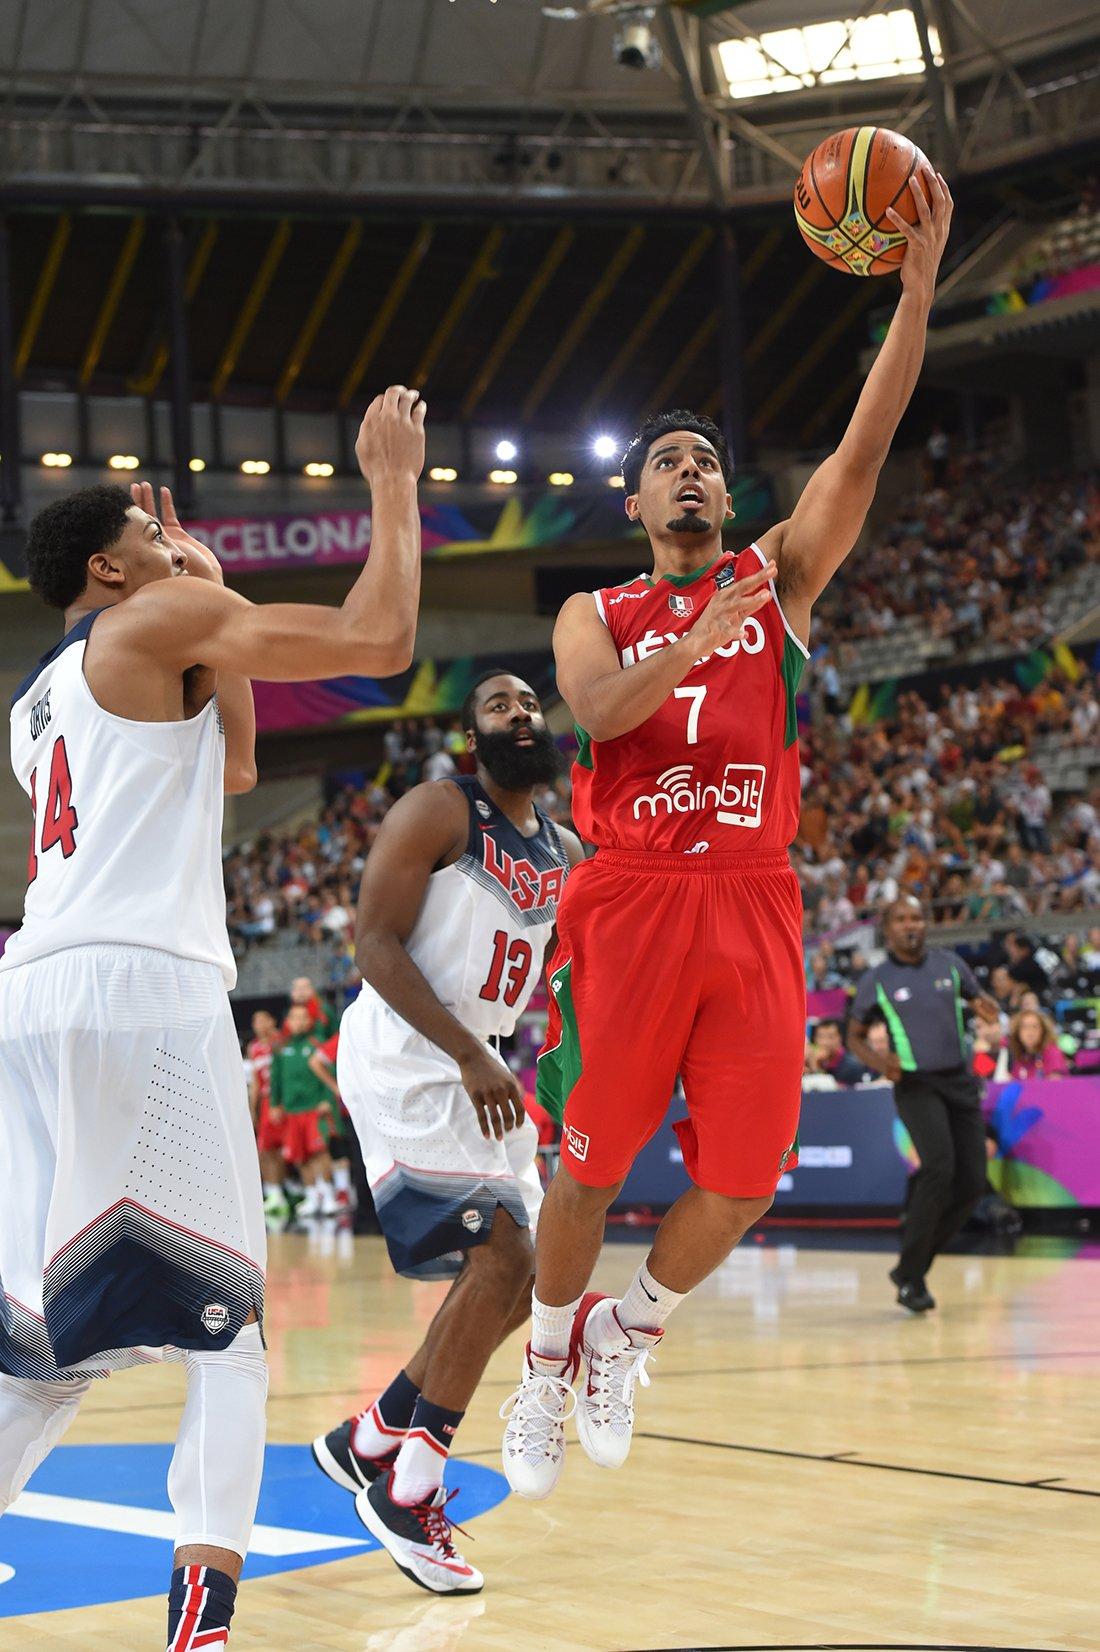 Jorge Gutiérrez en octavos de final contra estados unidos en viva basquet